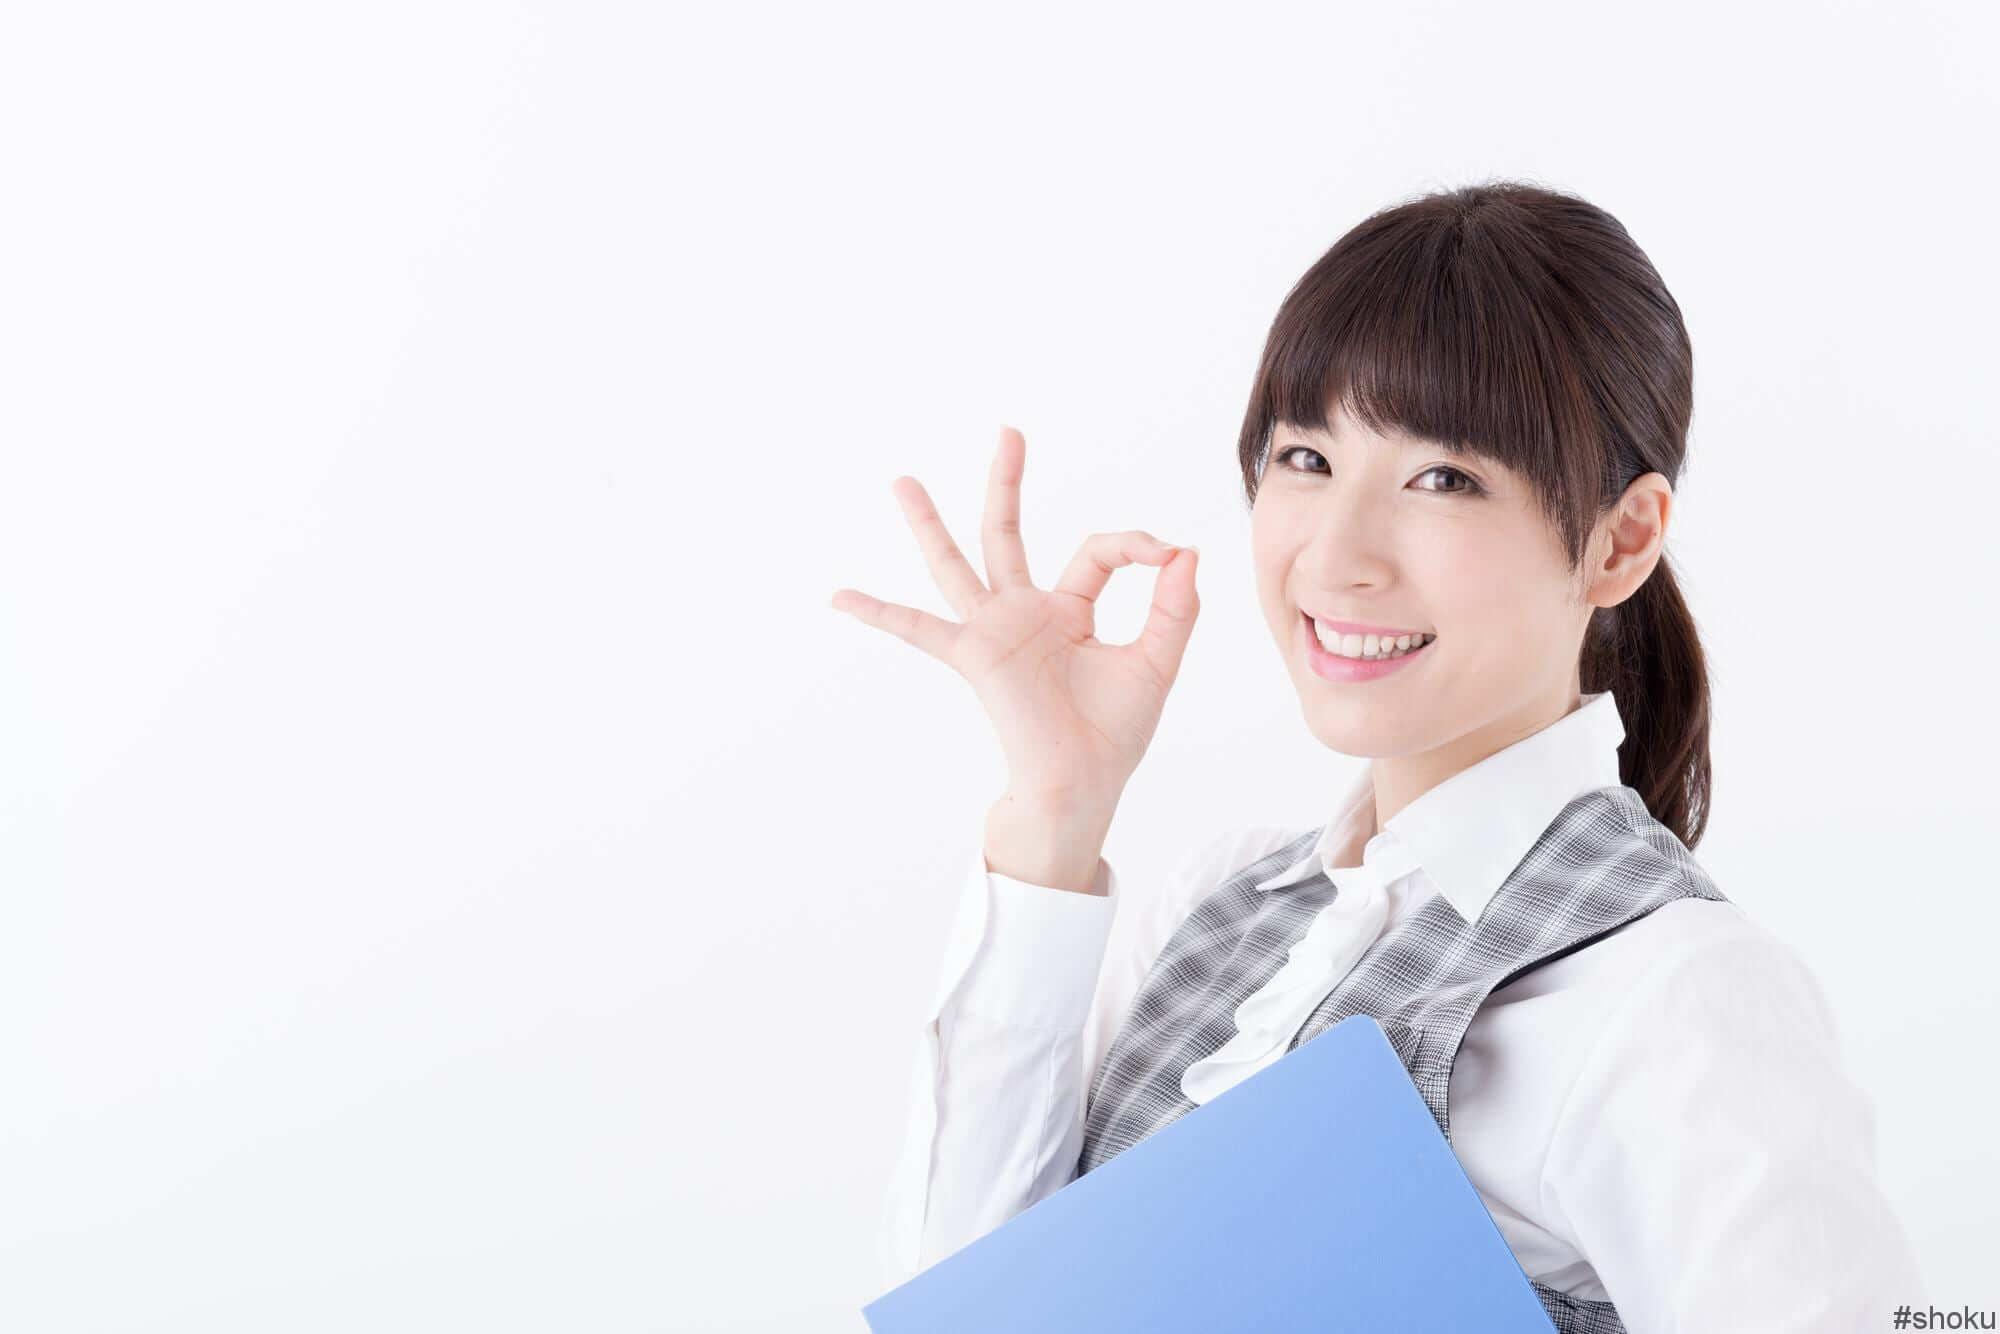 経理職でやりがいを感じている女性